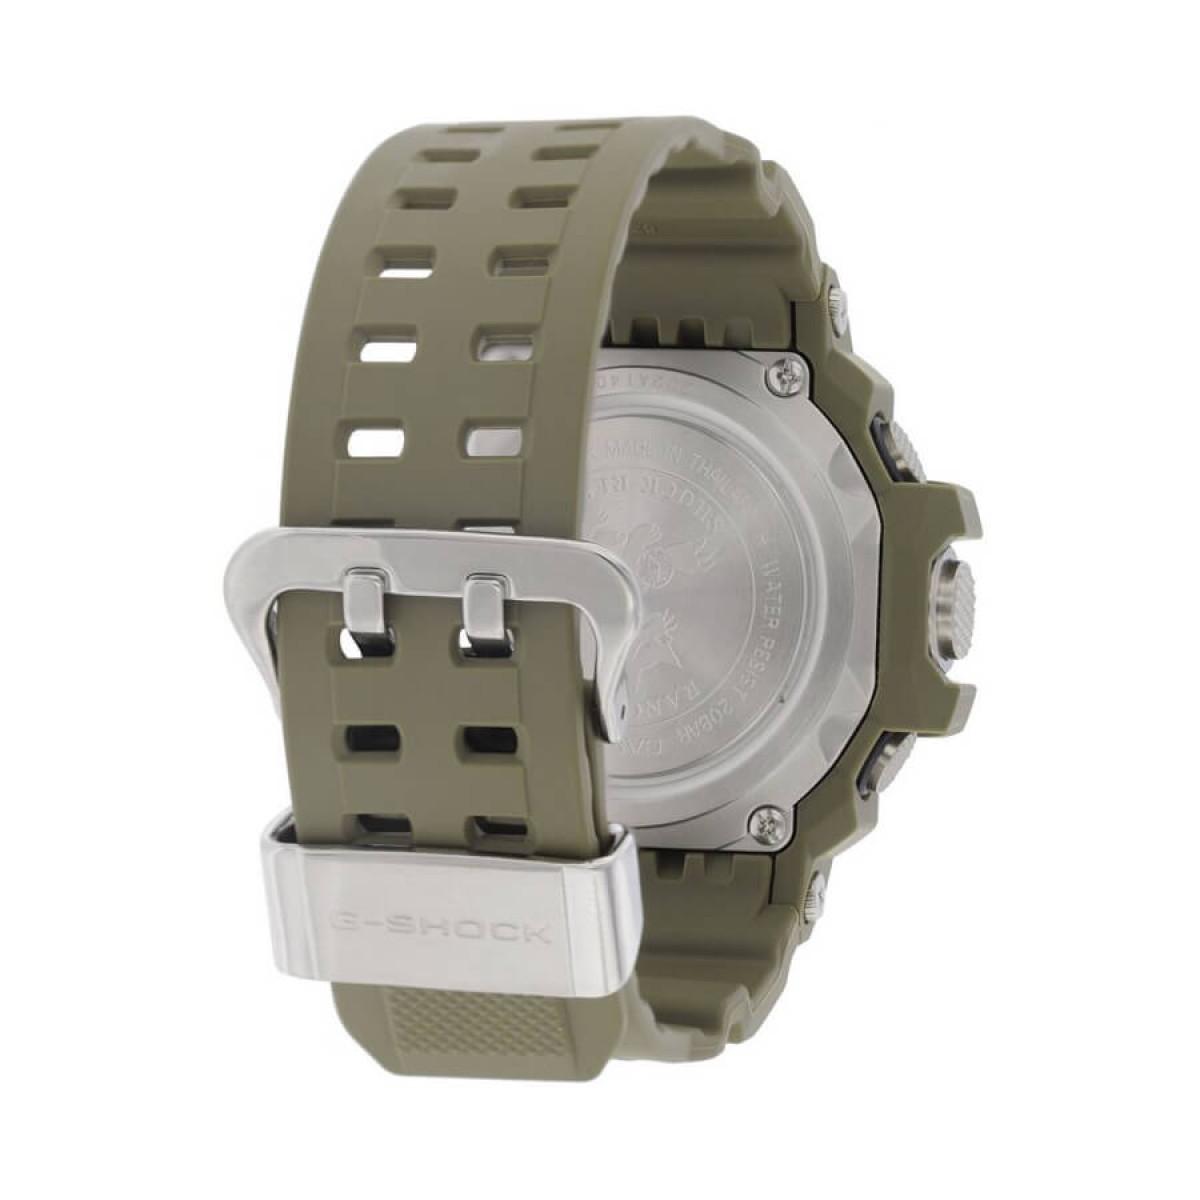 Часовник Casio G-Shock Rangeman GW-9400-3ER